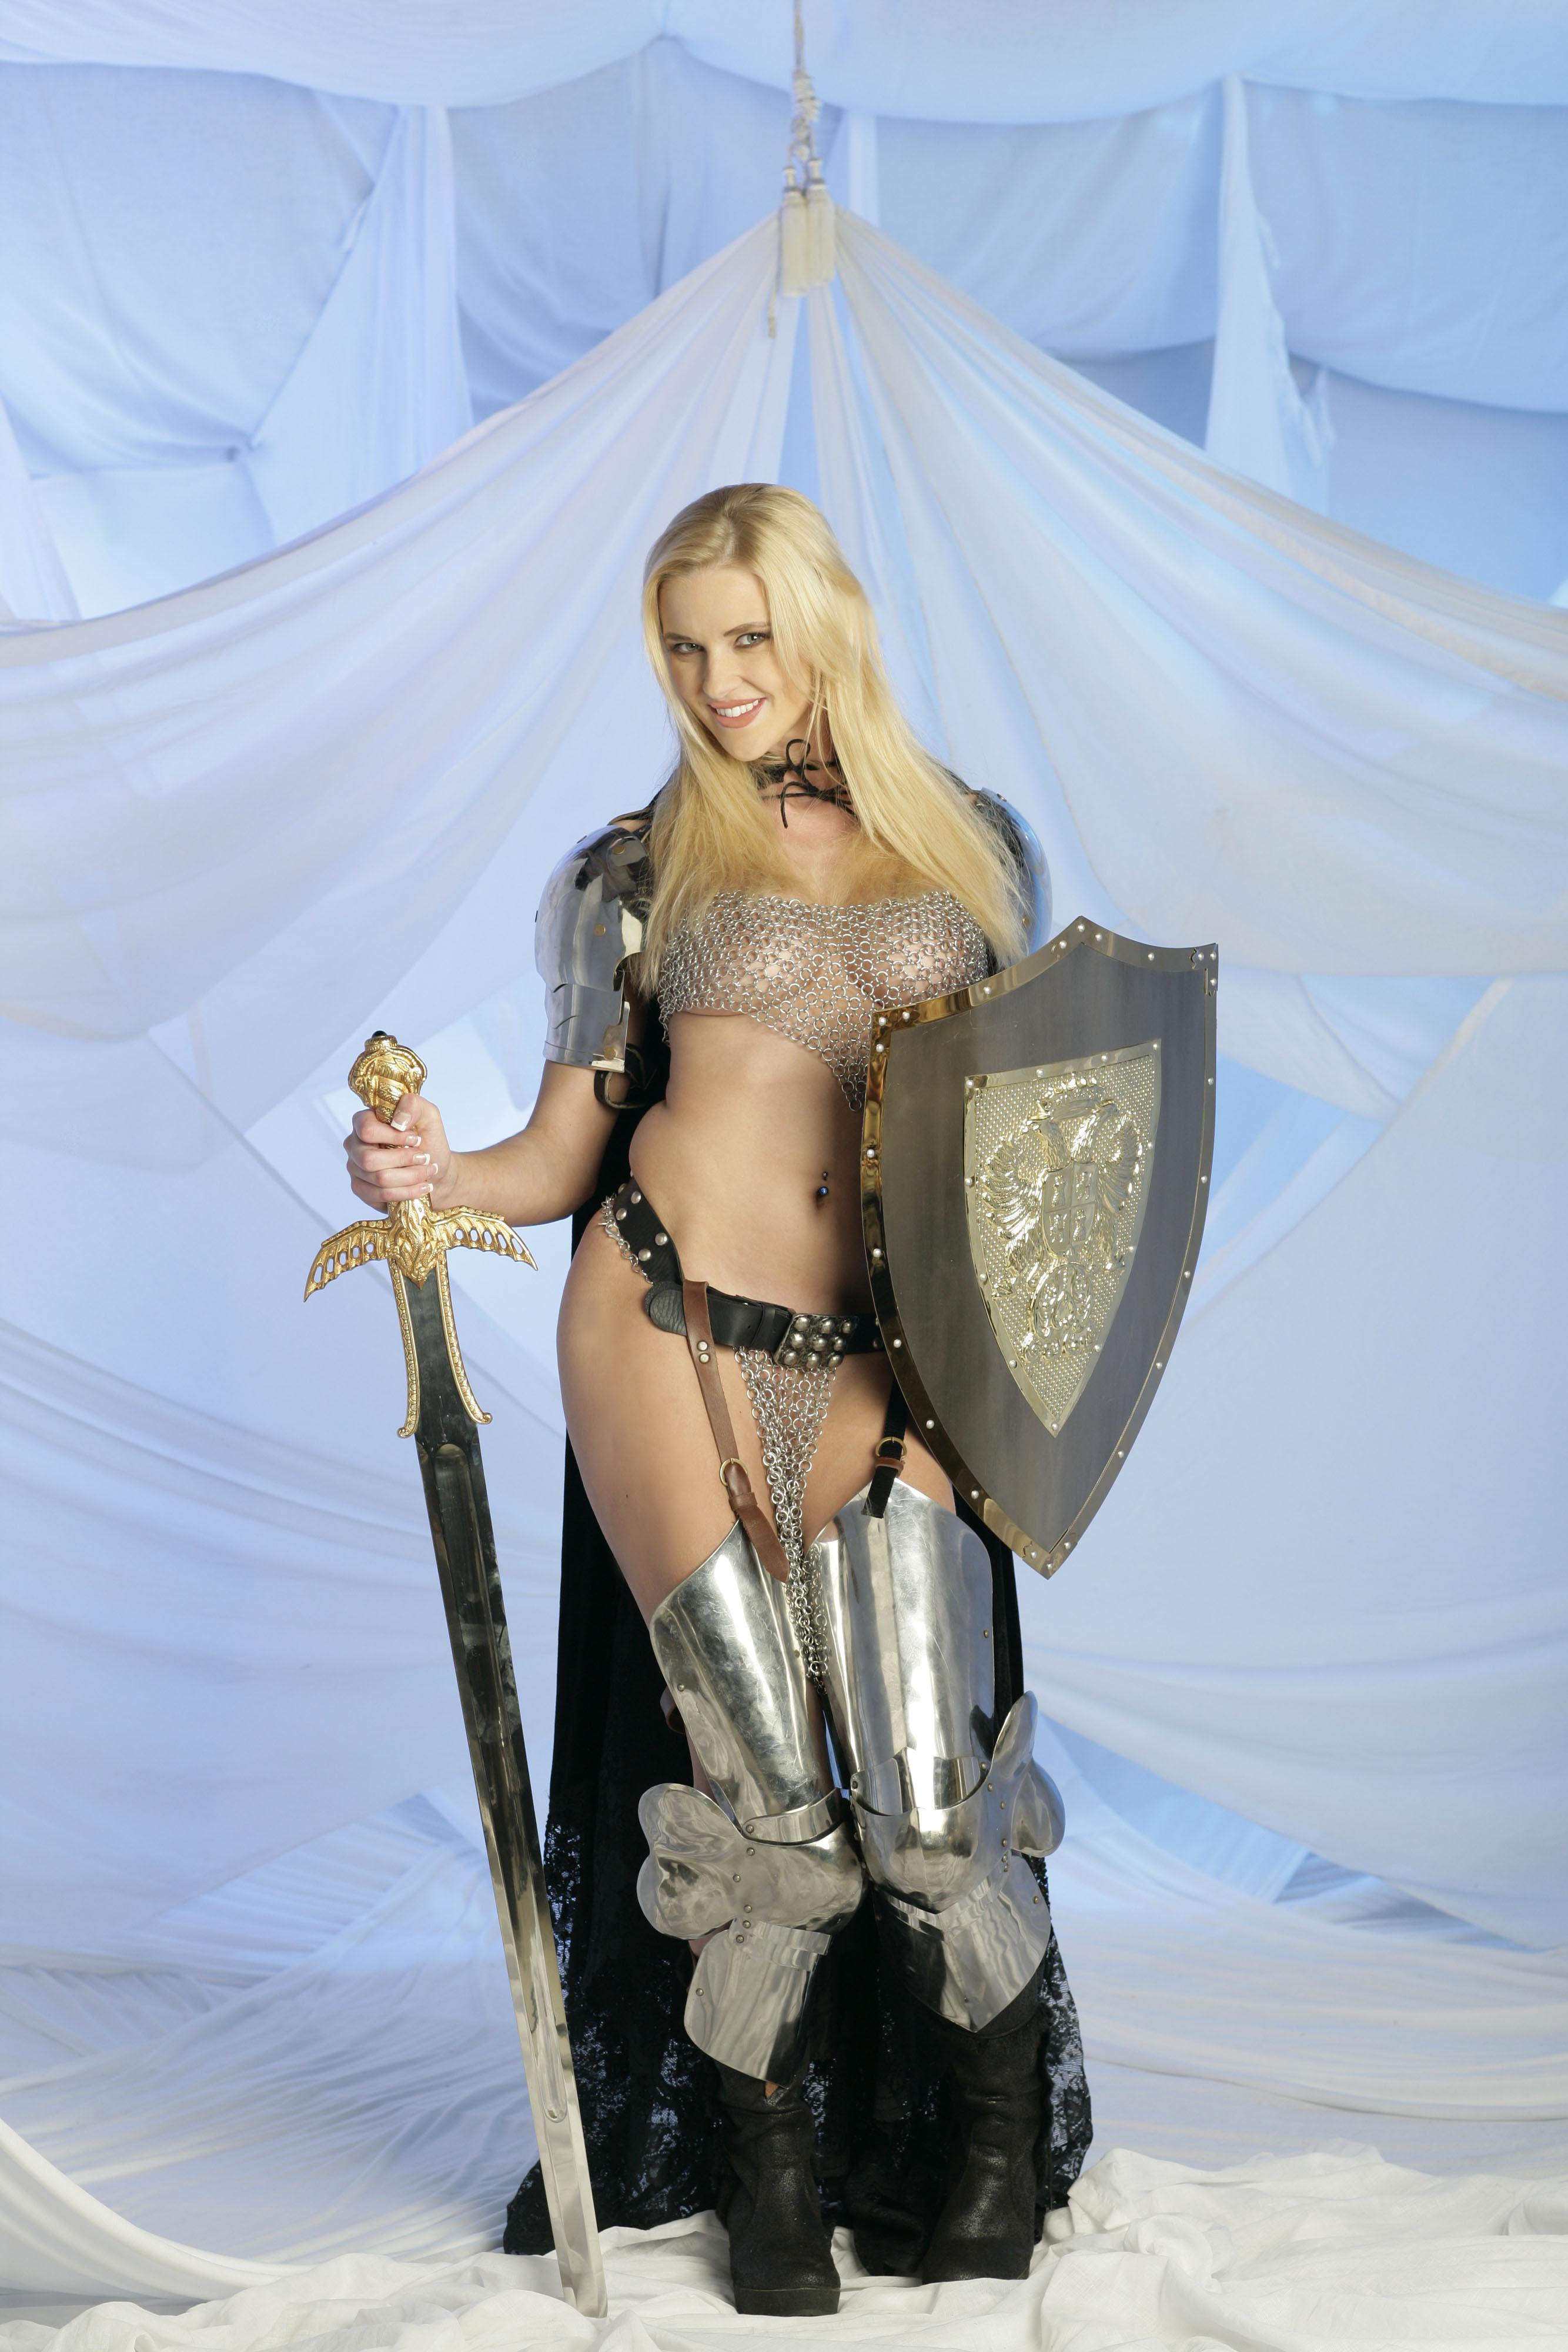 【画像あり】「甲冑ヌード」とかいう甲冑とエロを融合した鎧女をご覧くださいwwwww・22枚目